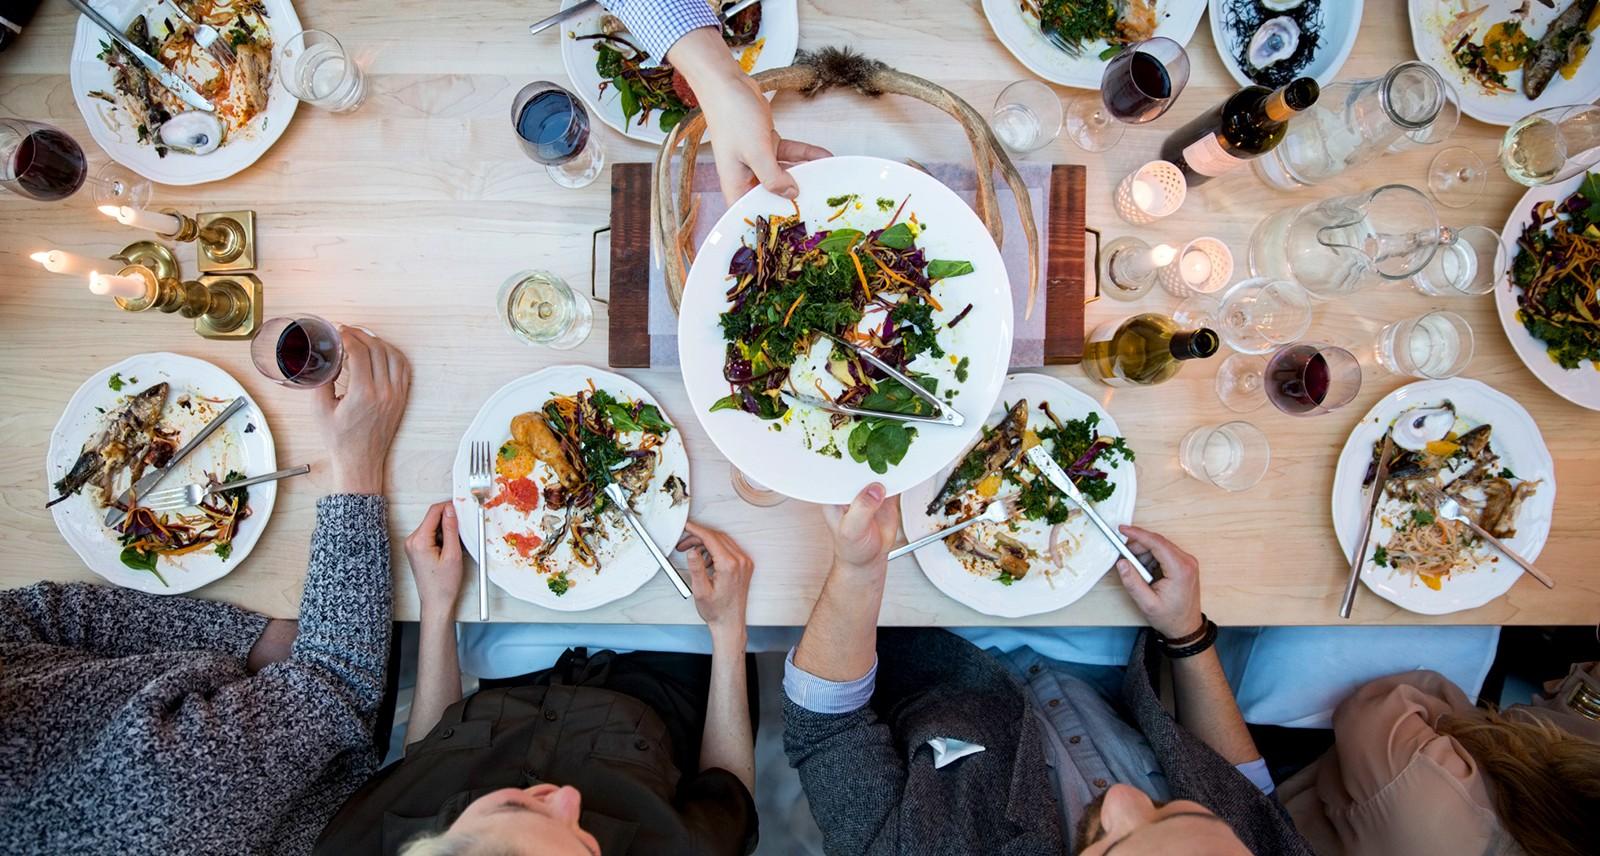 I Sat Down With 7 Random Strangers For Dinner — Here's What Happened